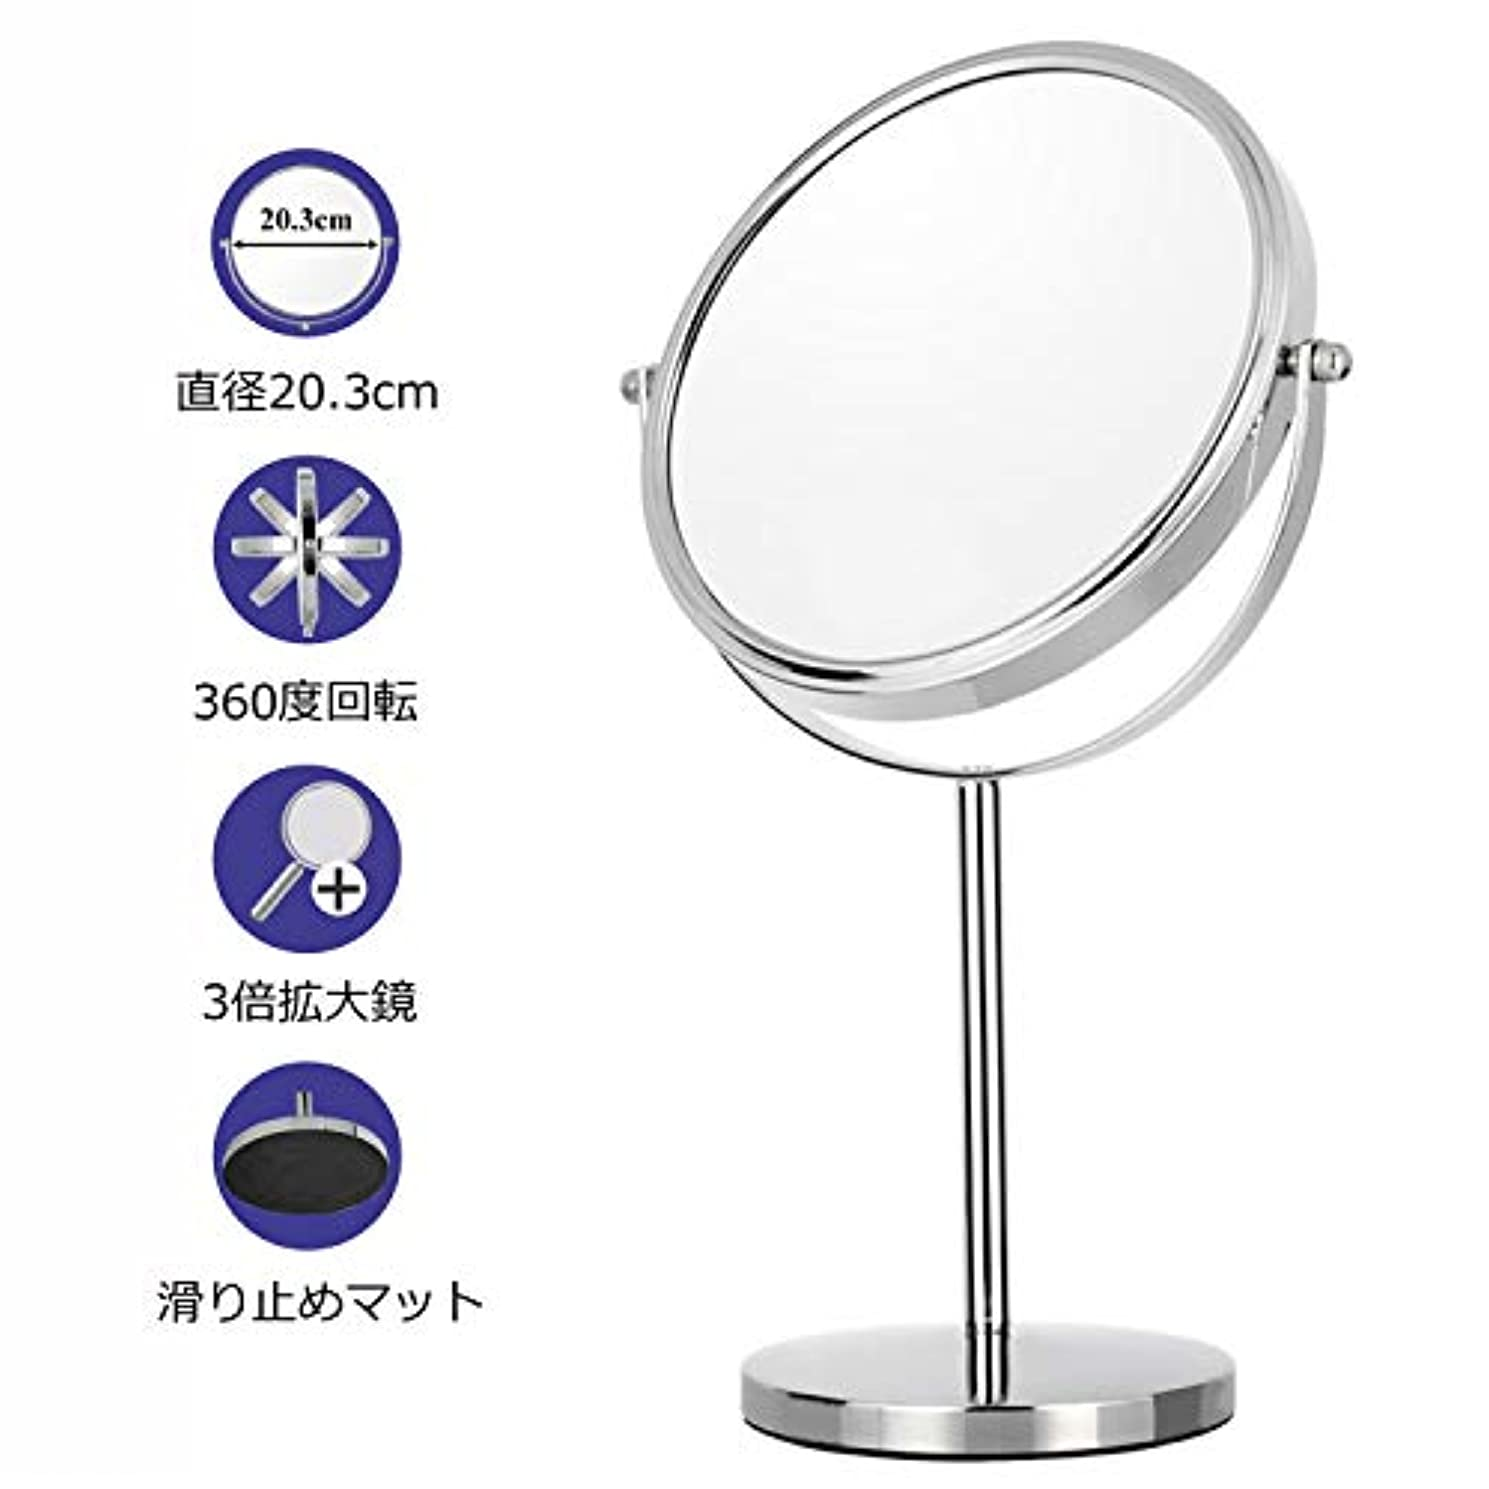 自分を引き上げる神の印象的な鏡 卓上 拡大鏡付き 3倍卓上鏡 真実の両面鏡 浴室鏡 ミラー 360度回転 スタンドミラー クロム 鏡 (鏡面23.2cm)